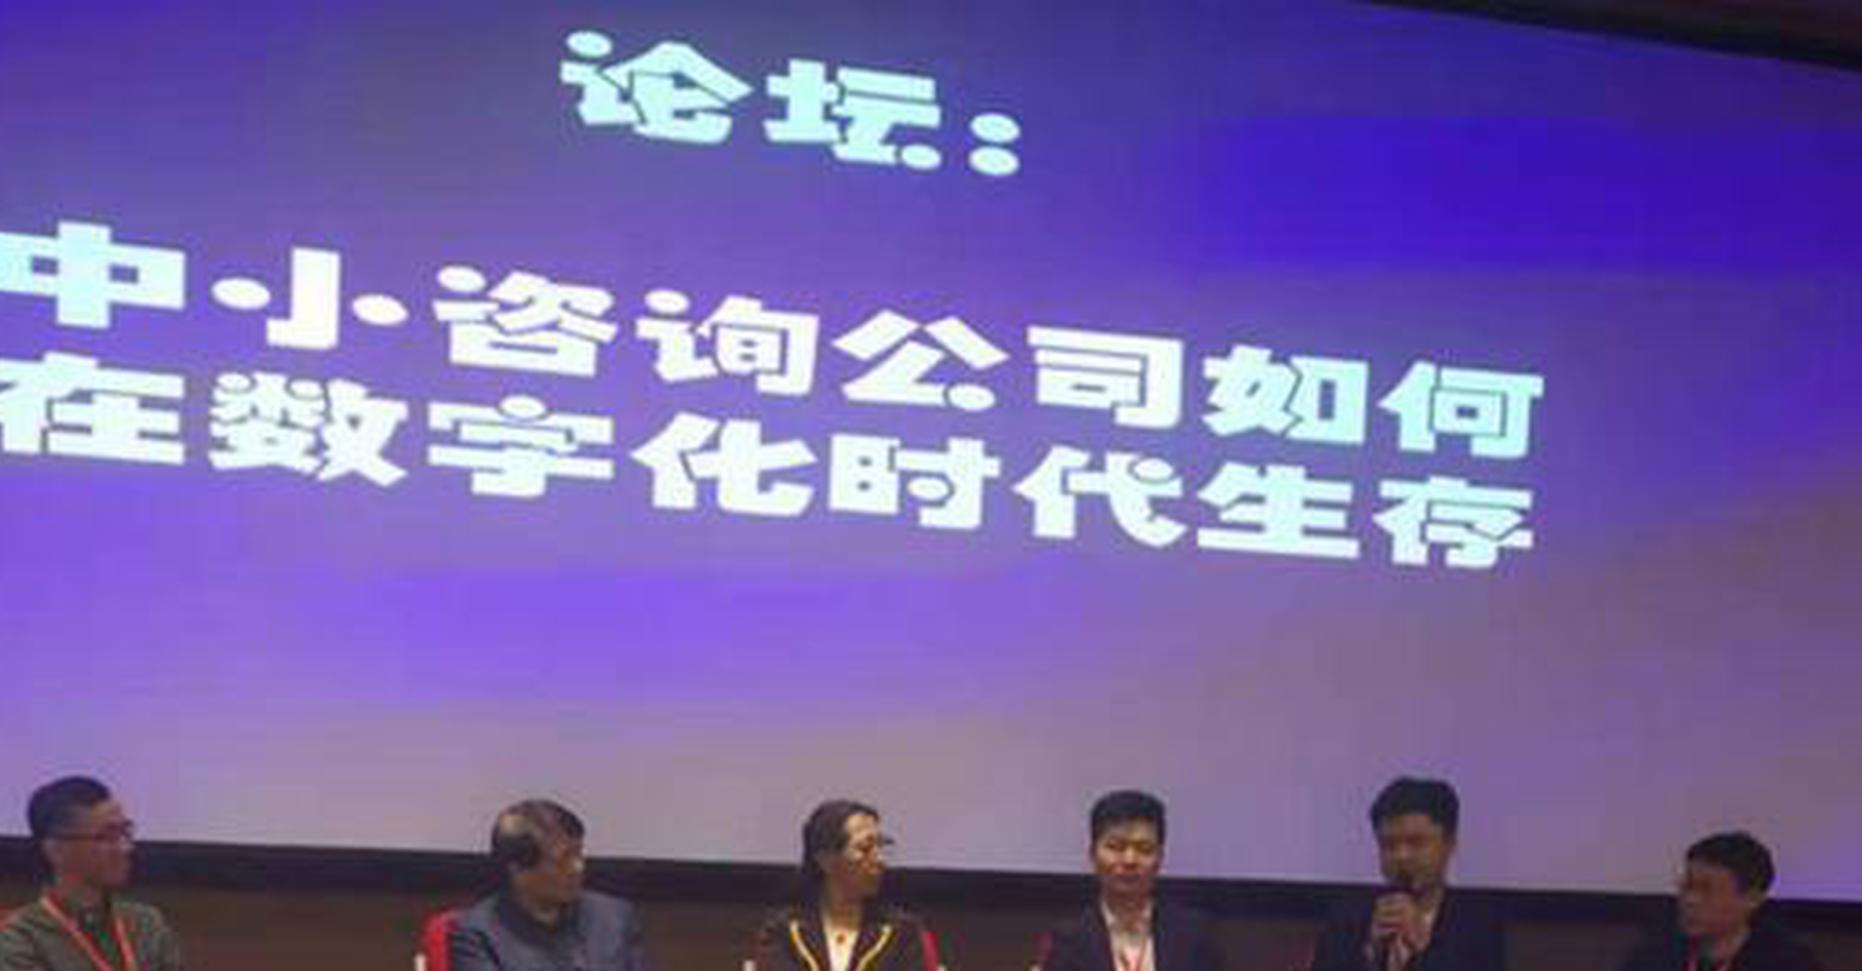 日前,湖南省咨询业协会赴上海参加由中国科技咨询协会主办的咨询论坛。